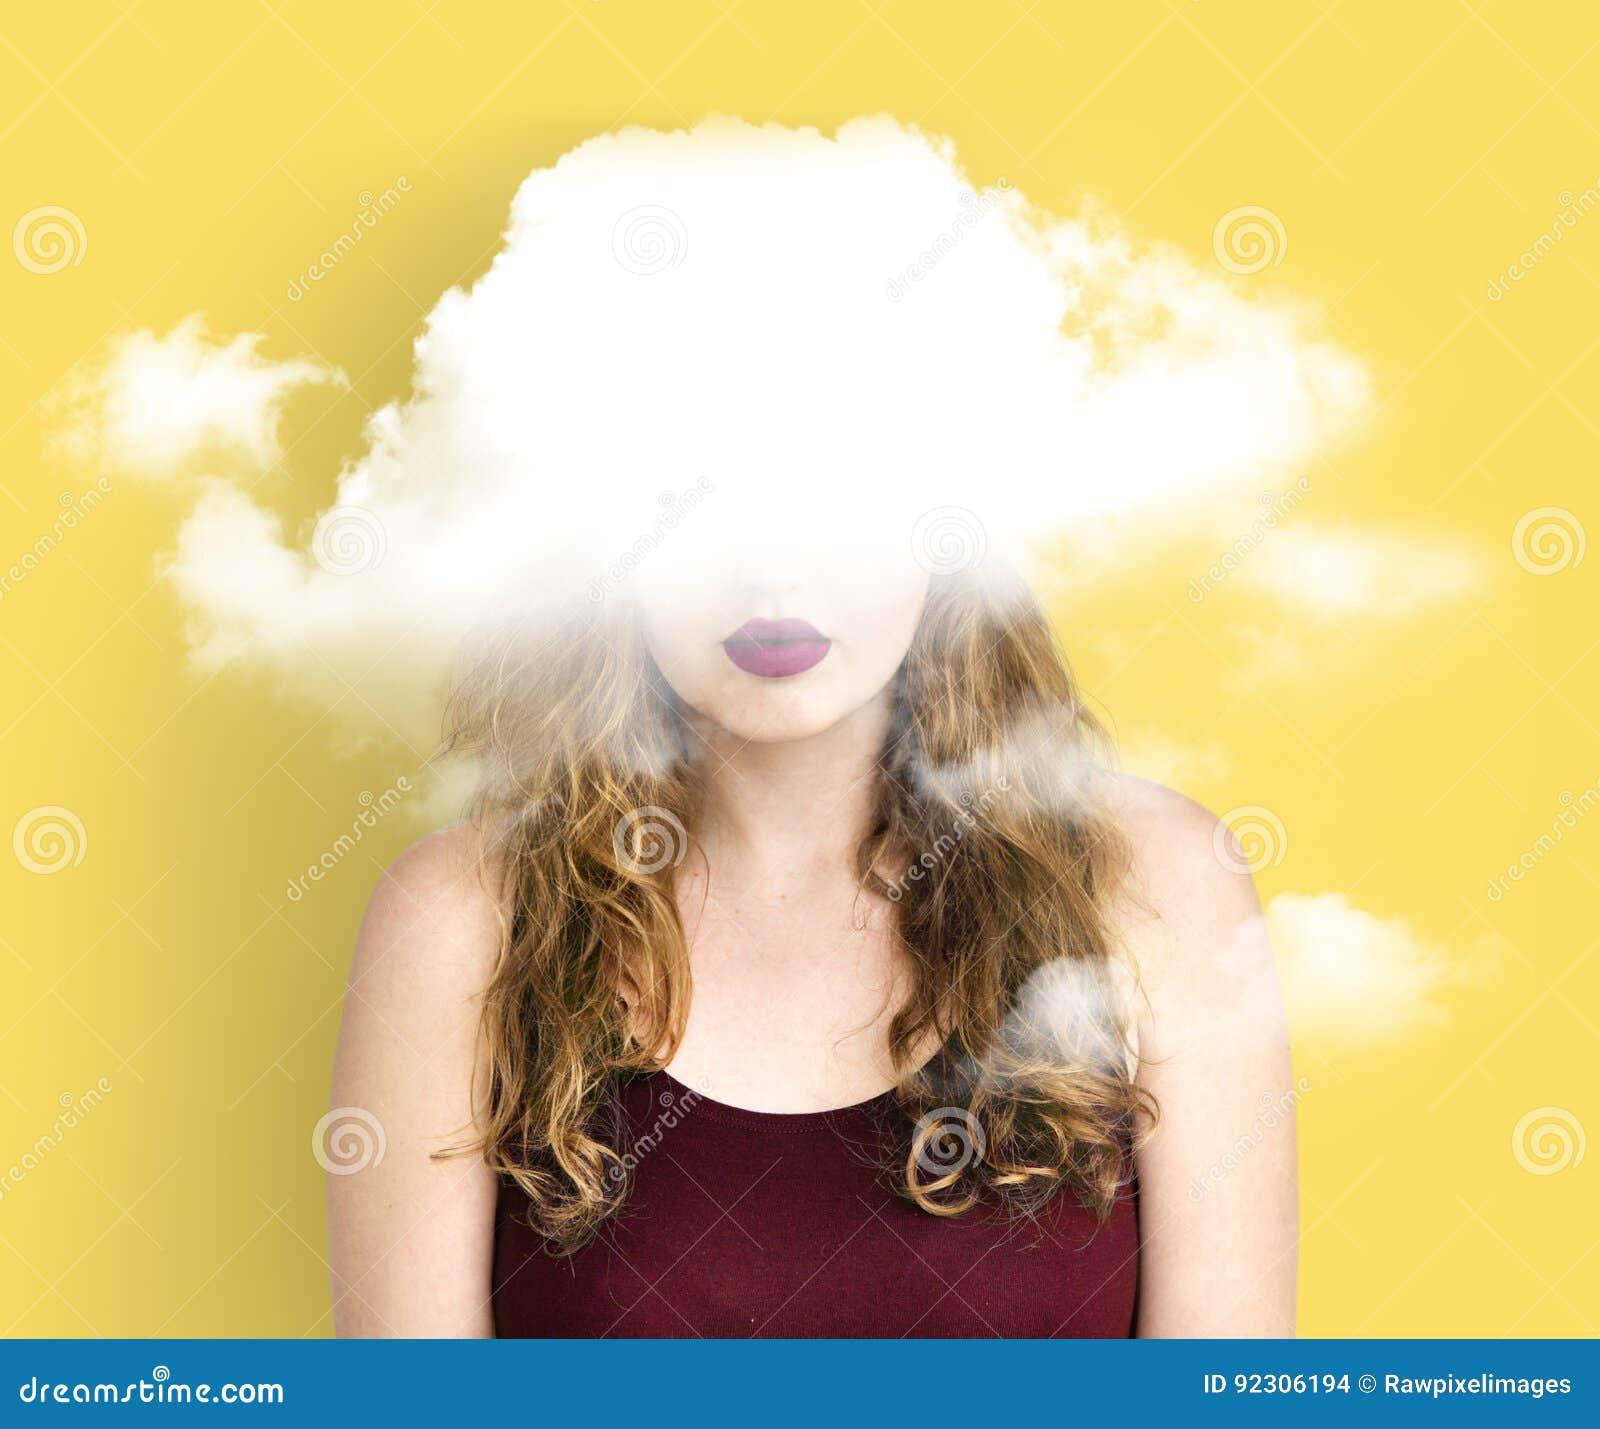 Спрятанная облаком нега депрессии дилеммы